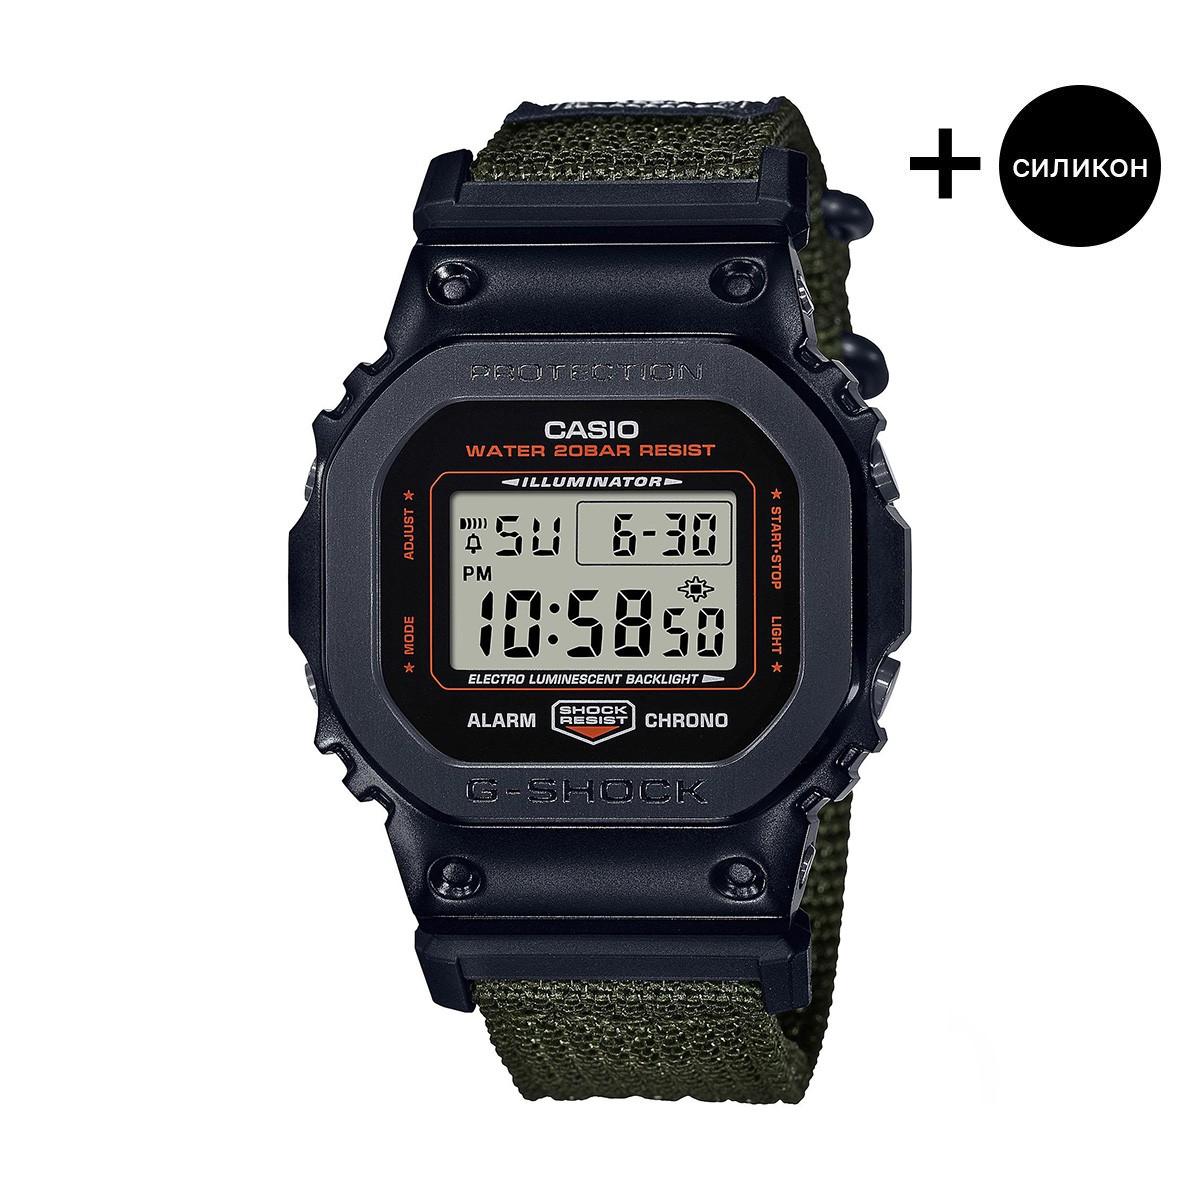 Часовник Casio G-Shock GM-5600EY-1DR